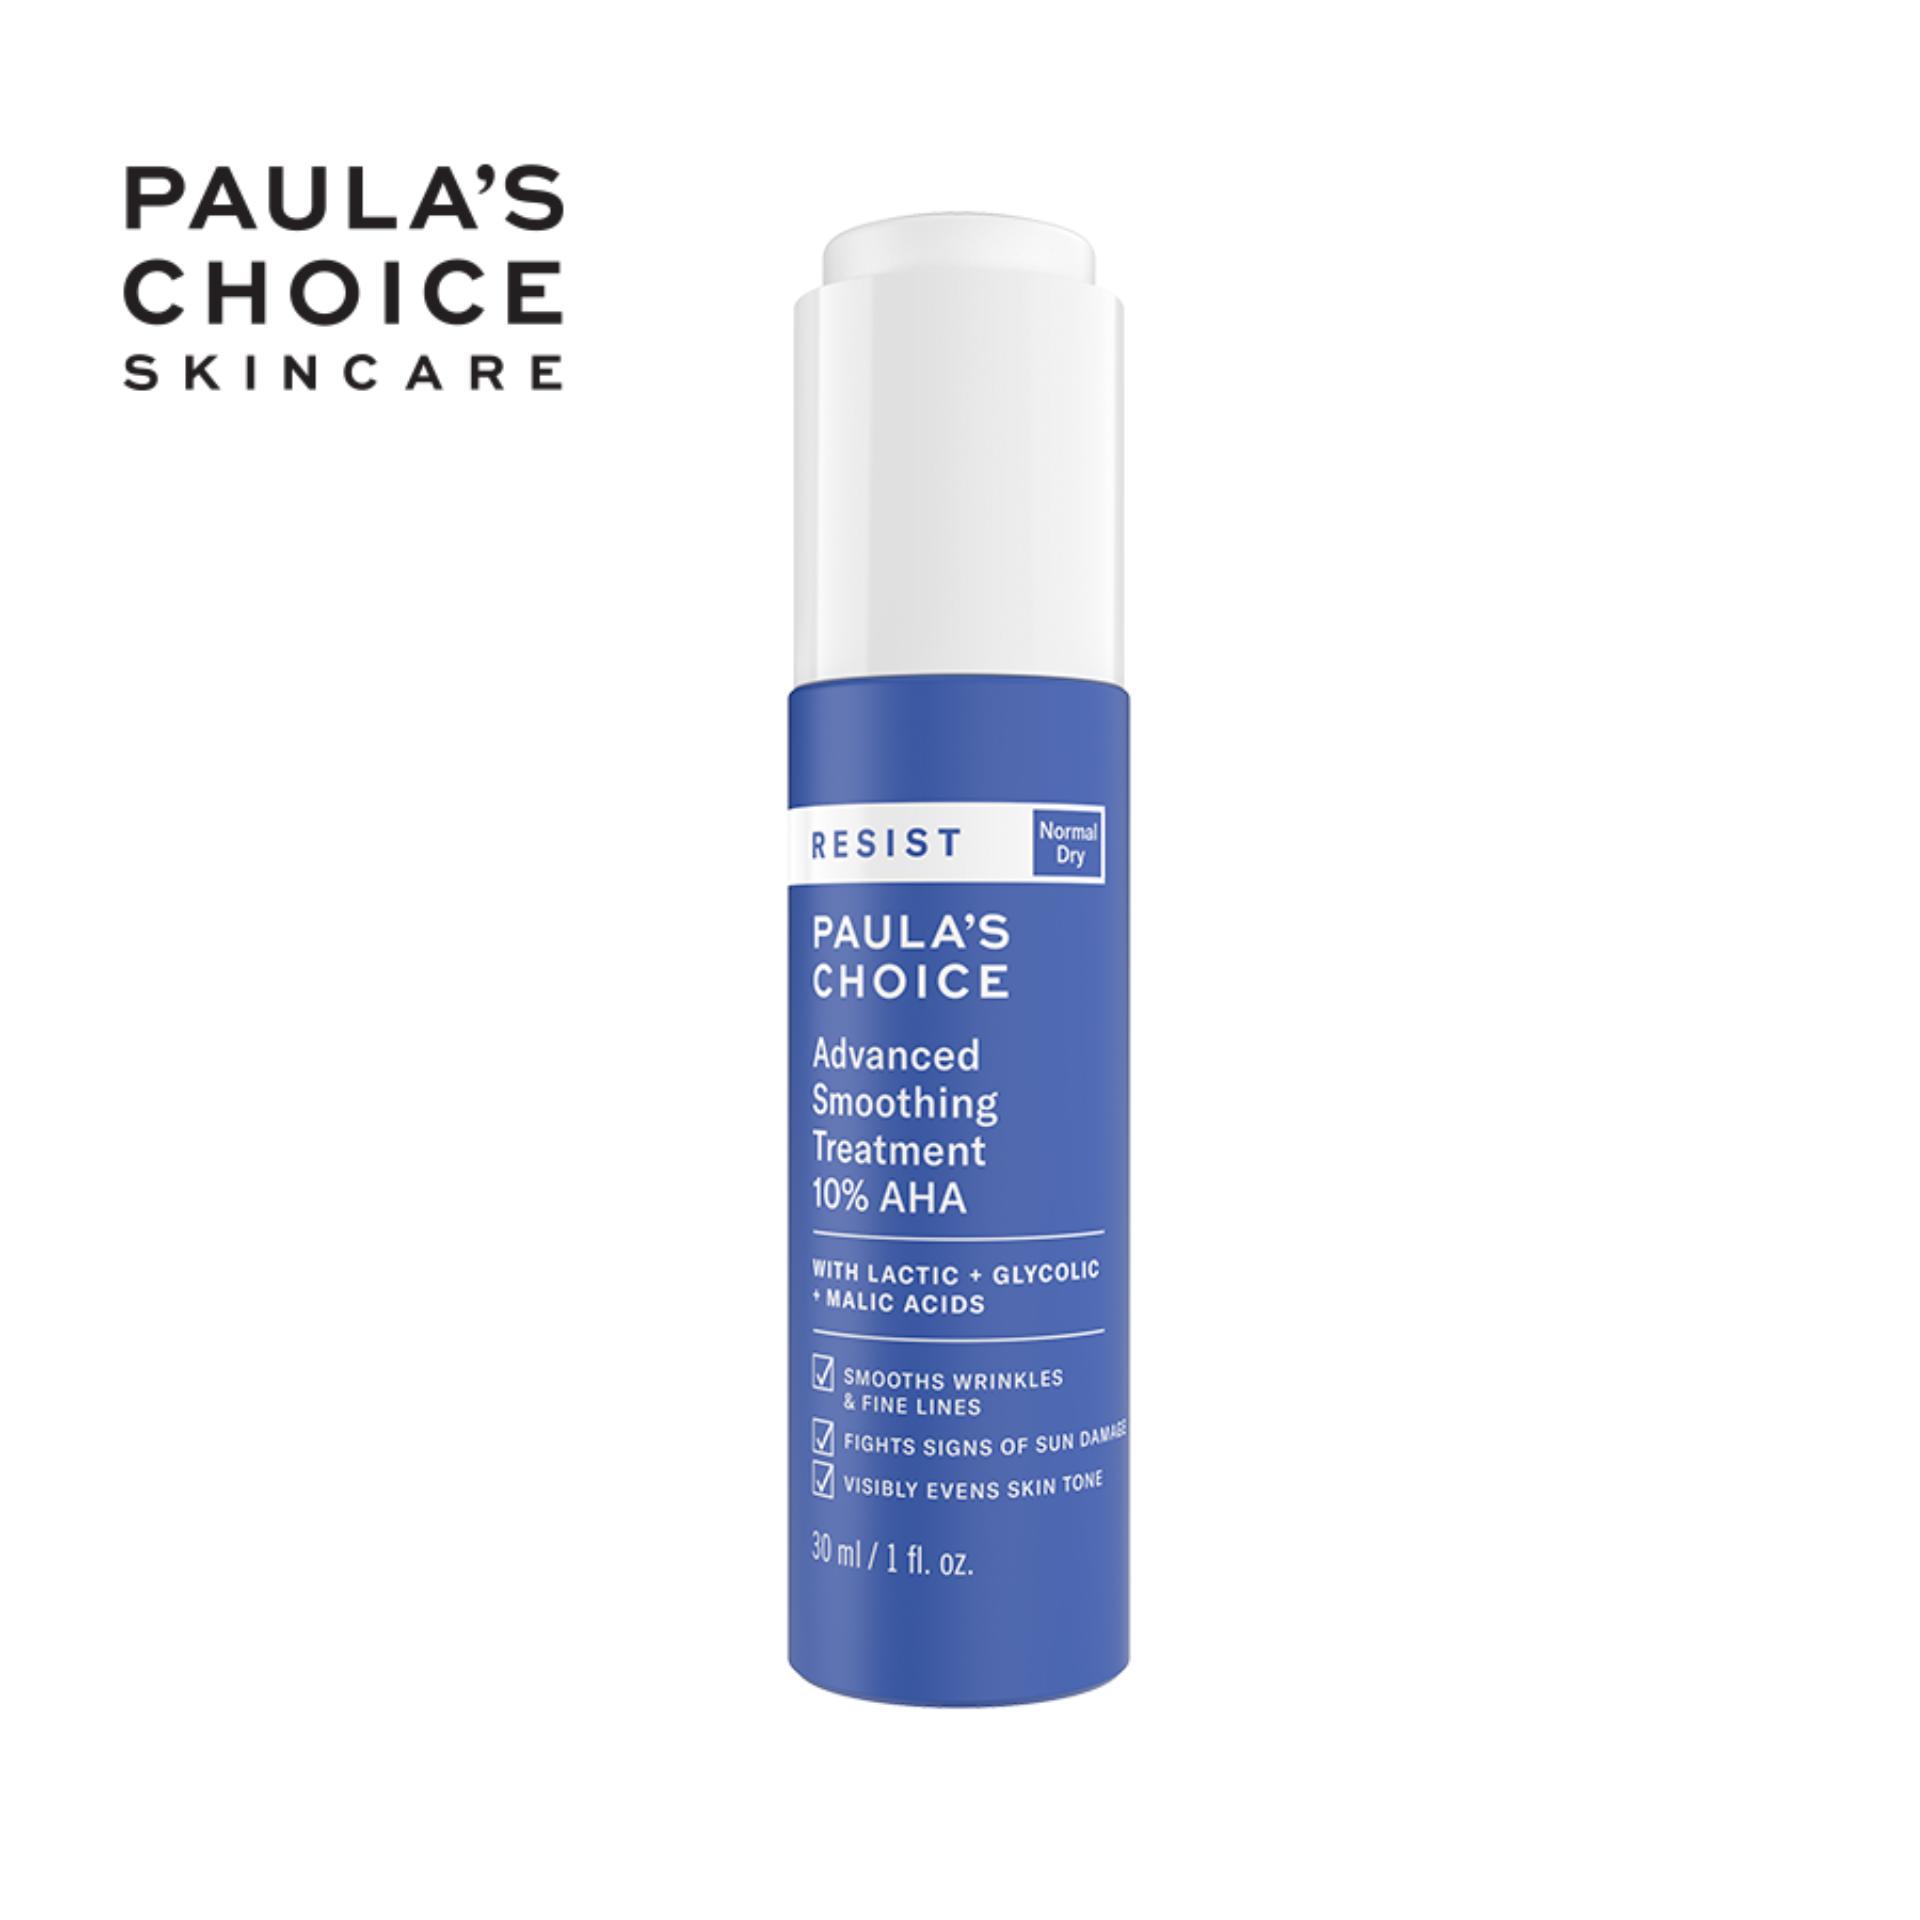 Tinh chất làm sáng và đều màu da Paula's Choice RESIST Advanced Smoothing Treatment 10% AHA-7651 cao cấp